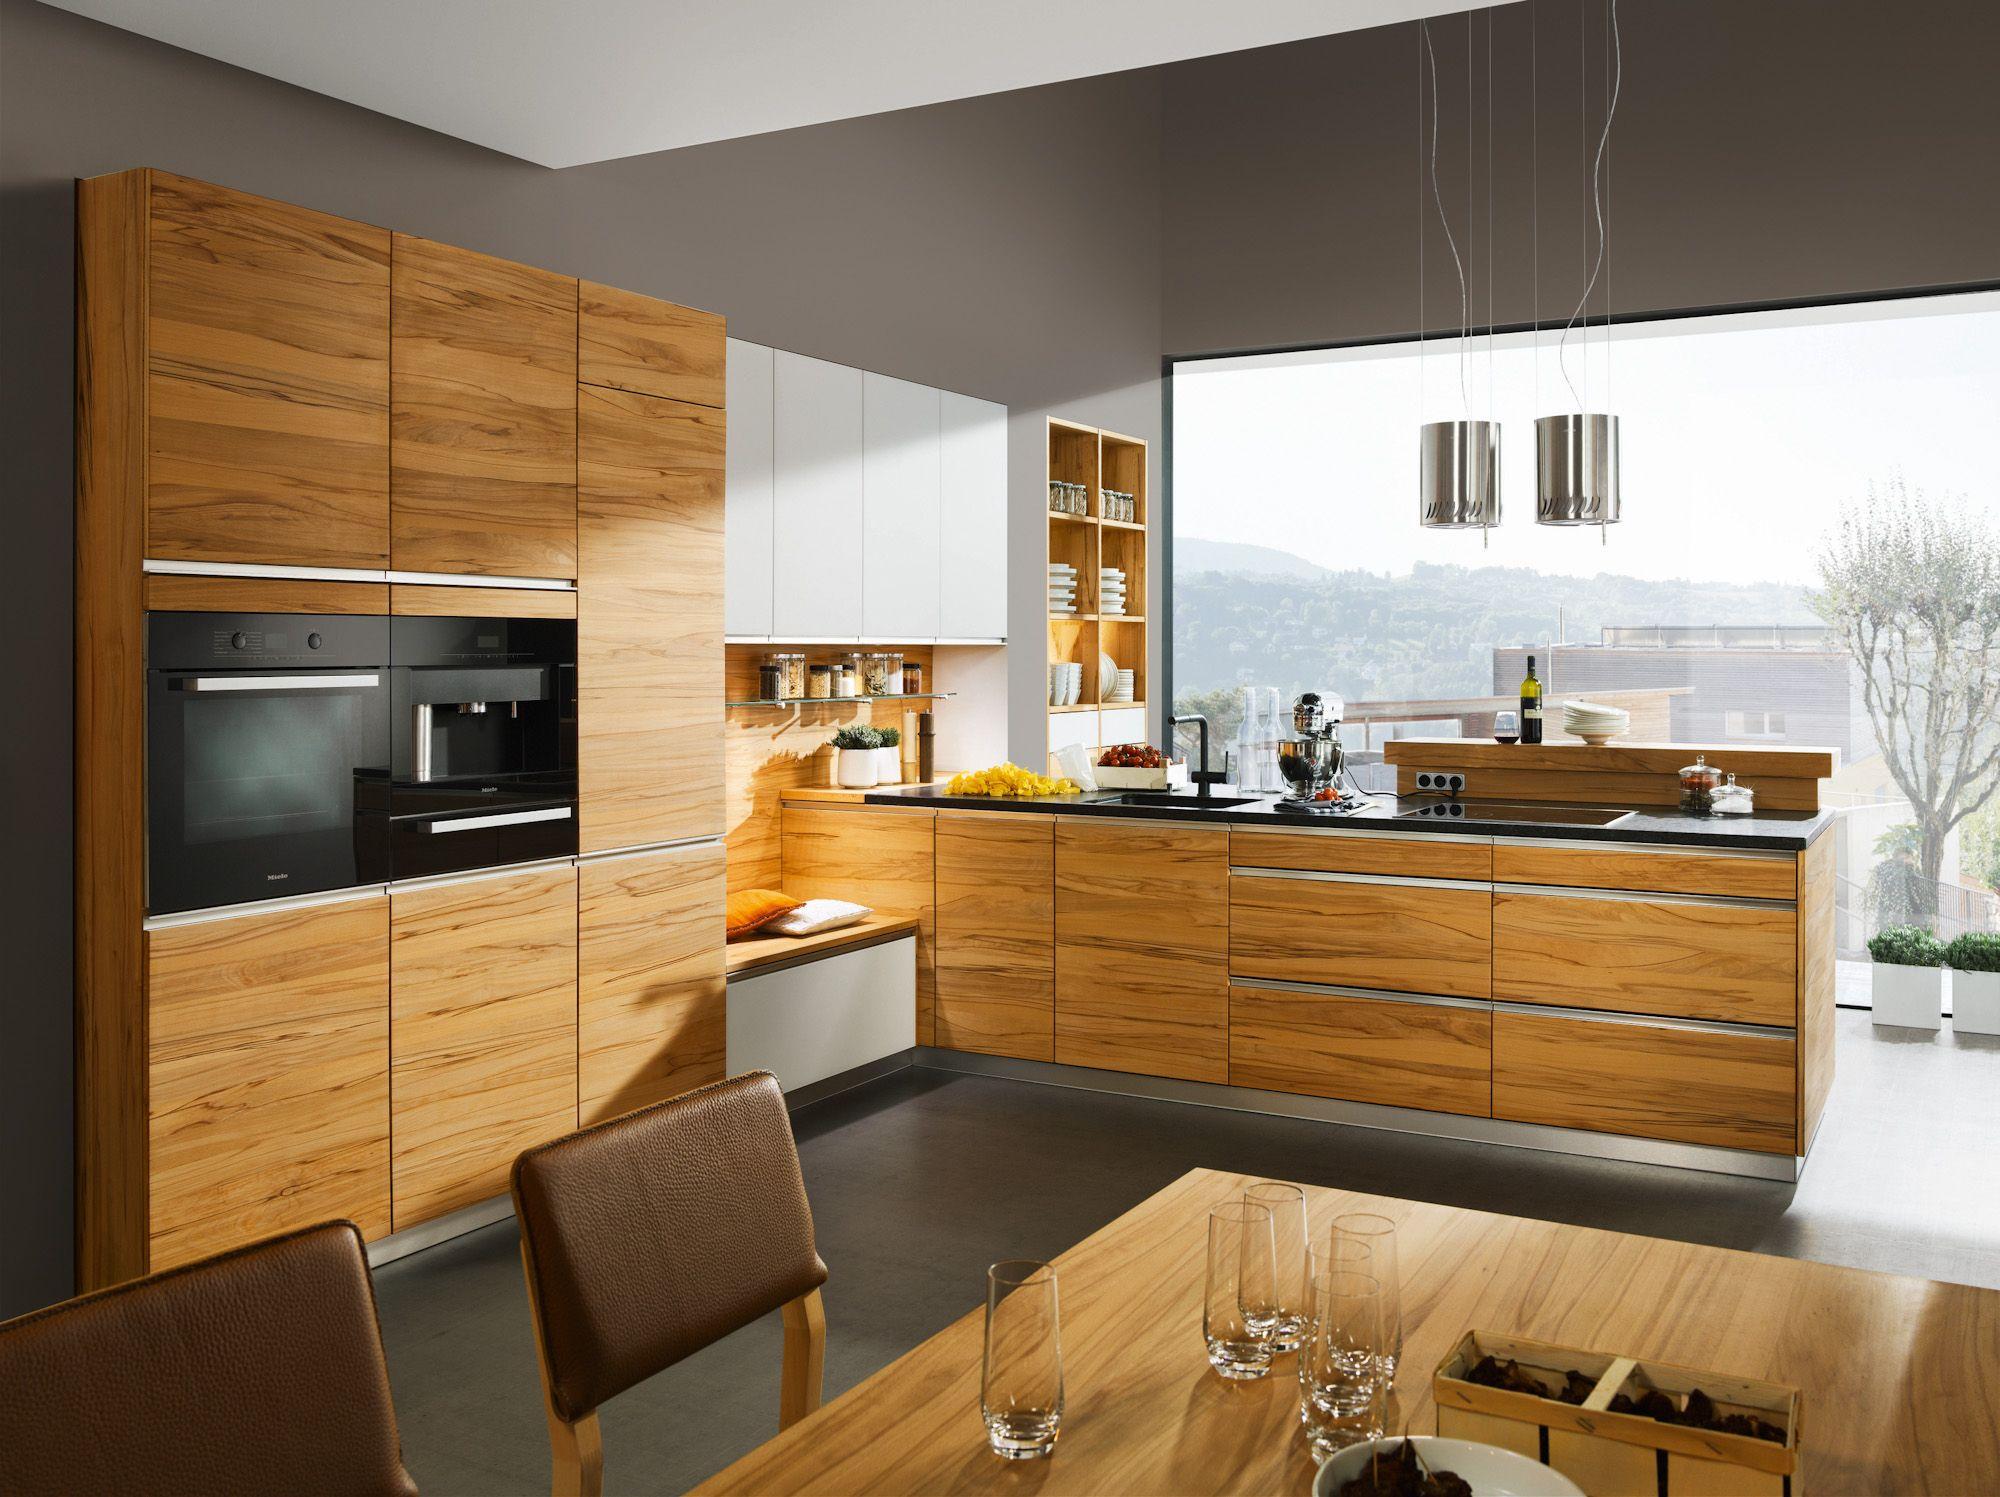 Küche | Kernbuche Massiv | Geölt | Modern | Wohnküche | Grifflos   Bei  Möbel Morschett